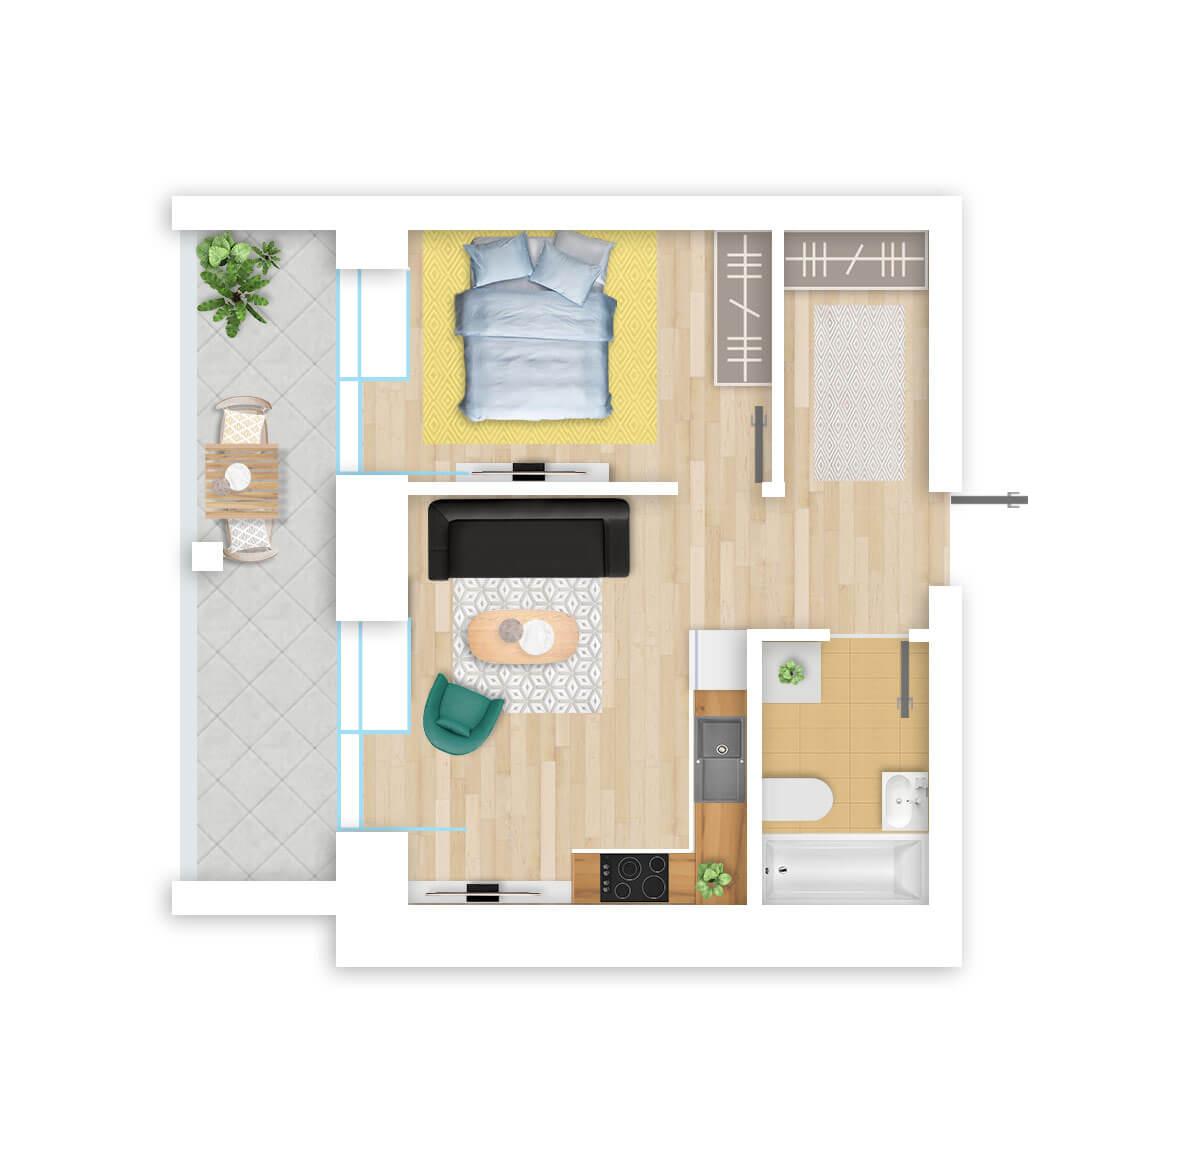 parduodamas butas Lazdynėlių g. 16B - 26 Vilniuje, buto 3D vaizdas